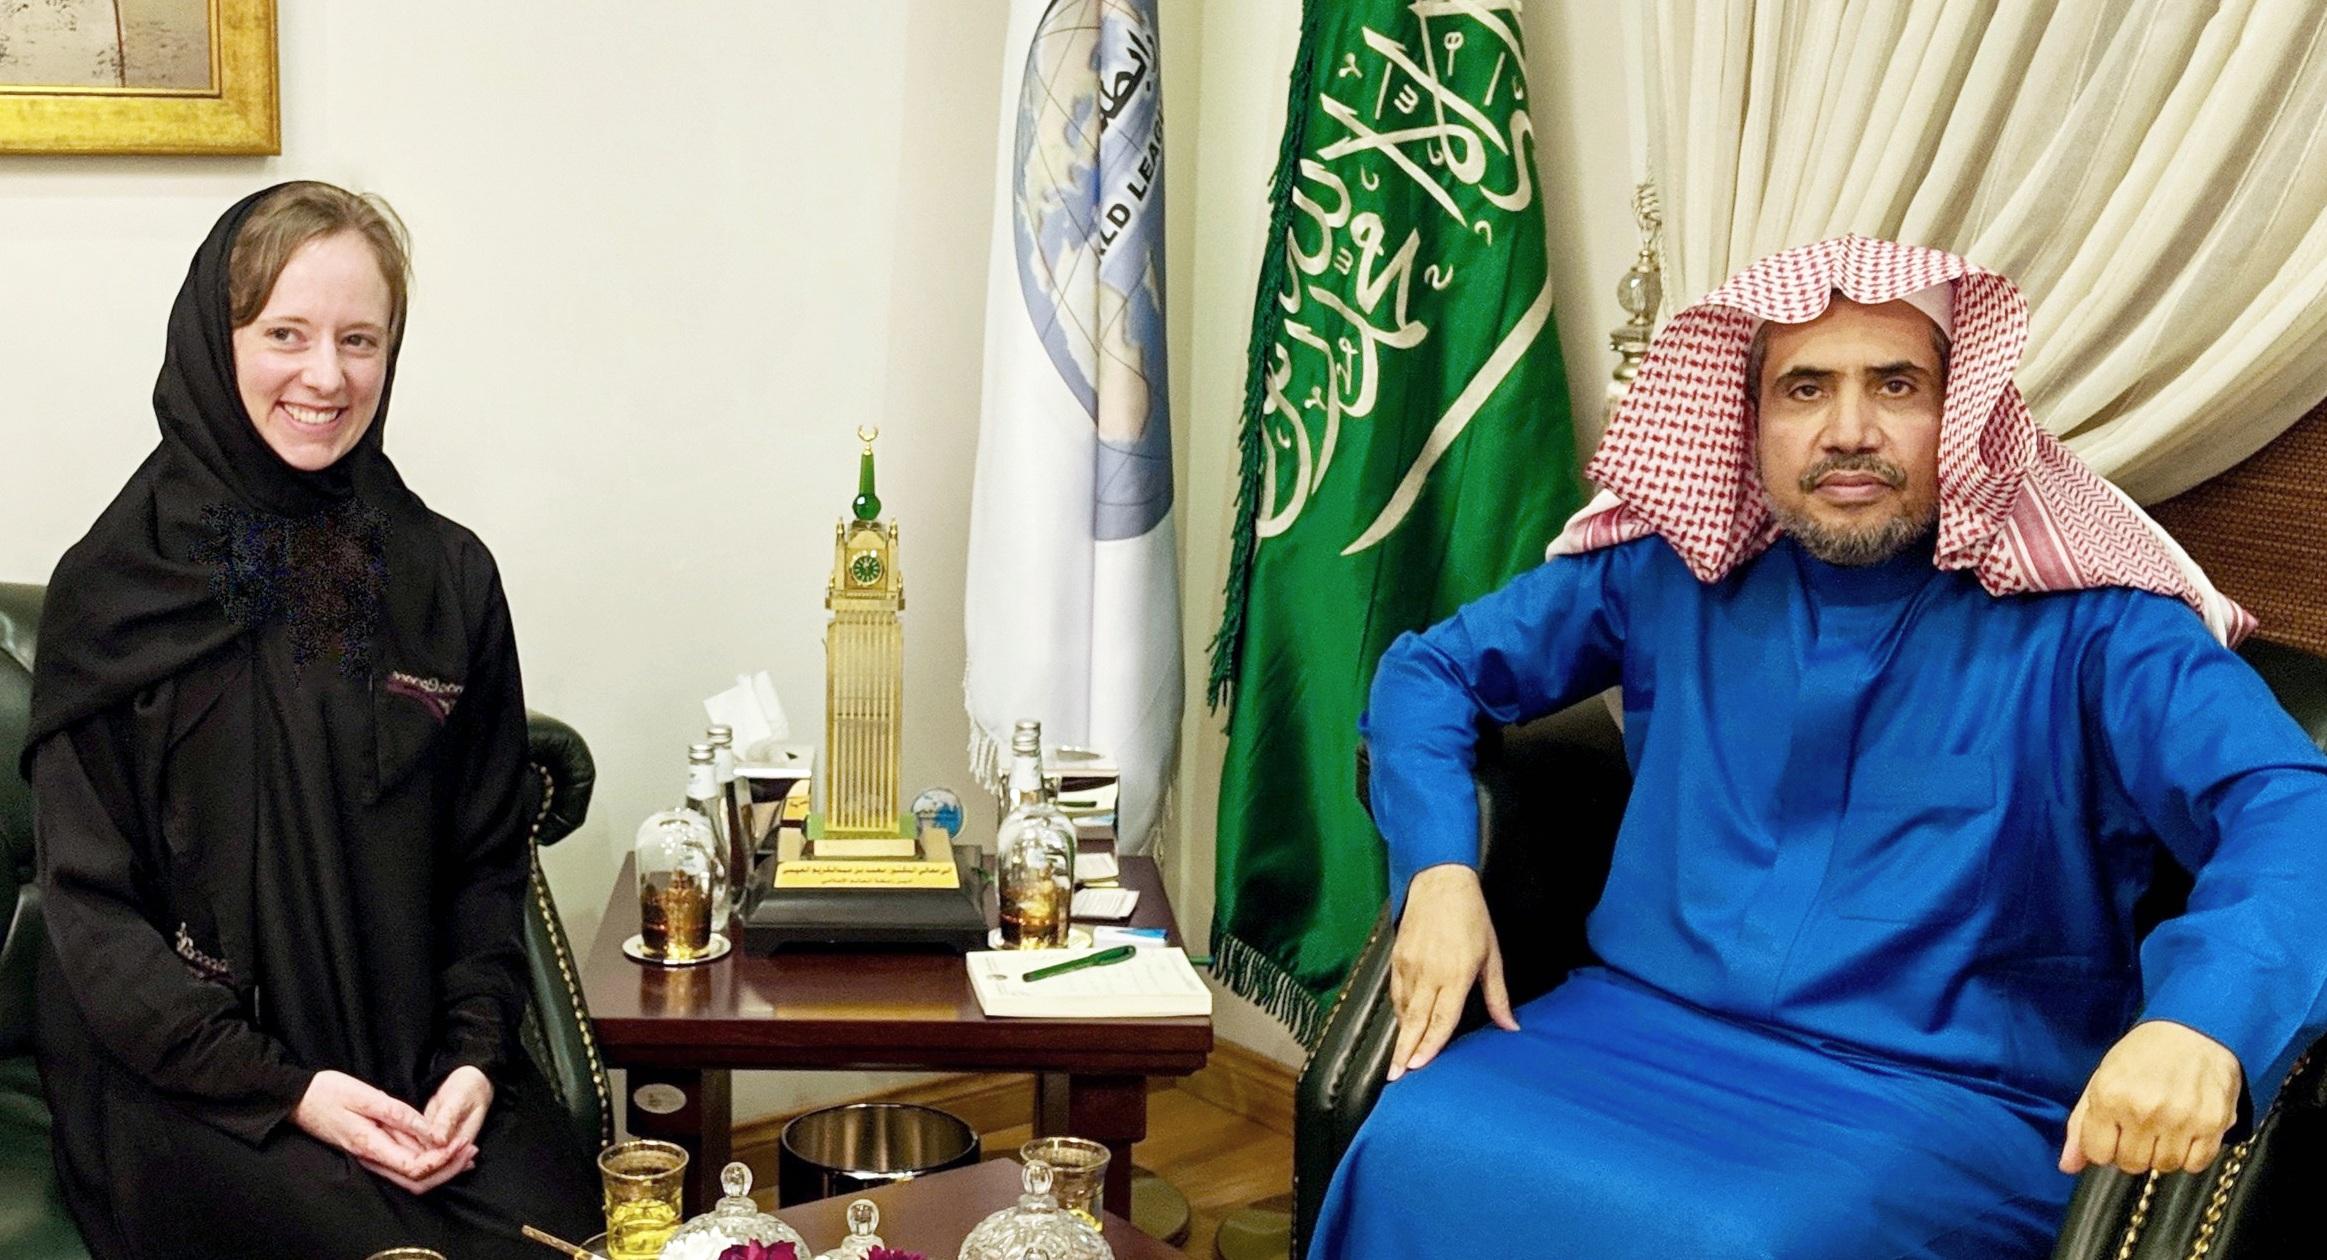 Interviewing Muhammad al-Issa, Secretary General of the Muslim World League, Riyadh, Saudi Arabia, March 2019